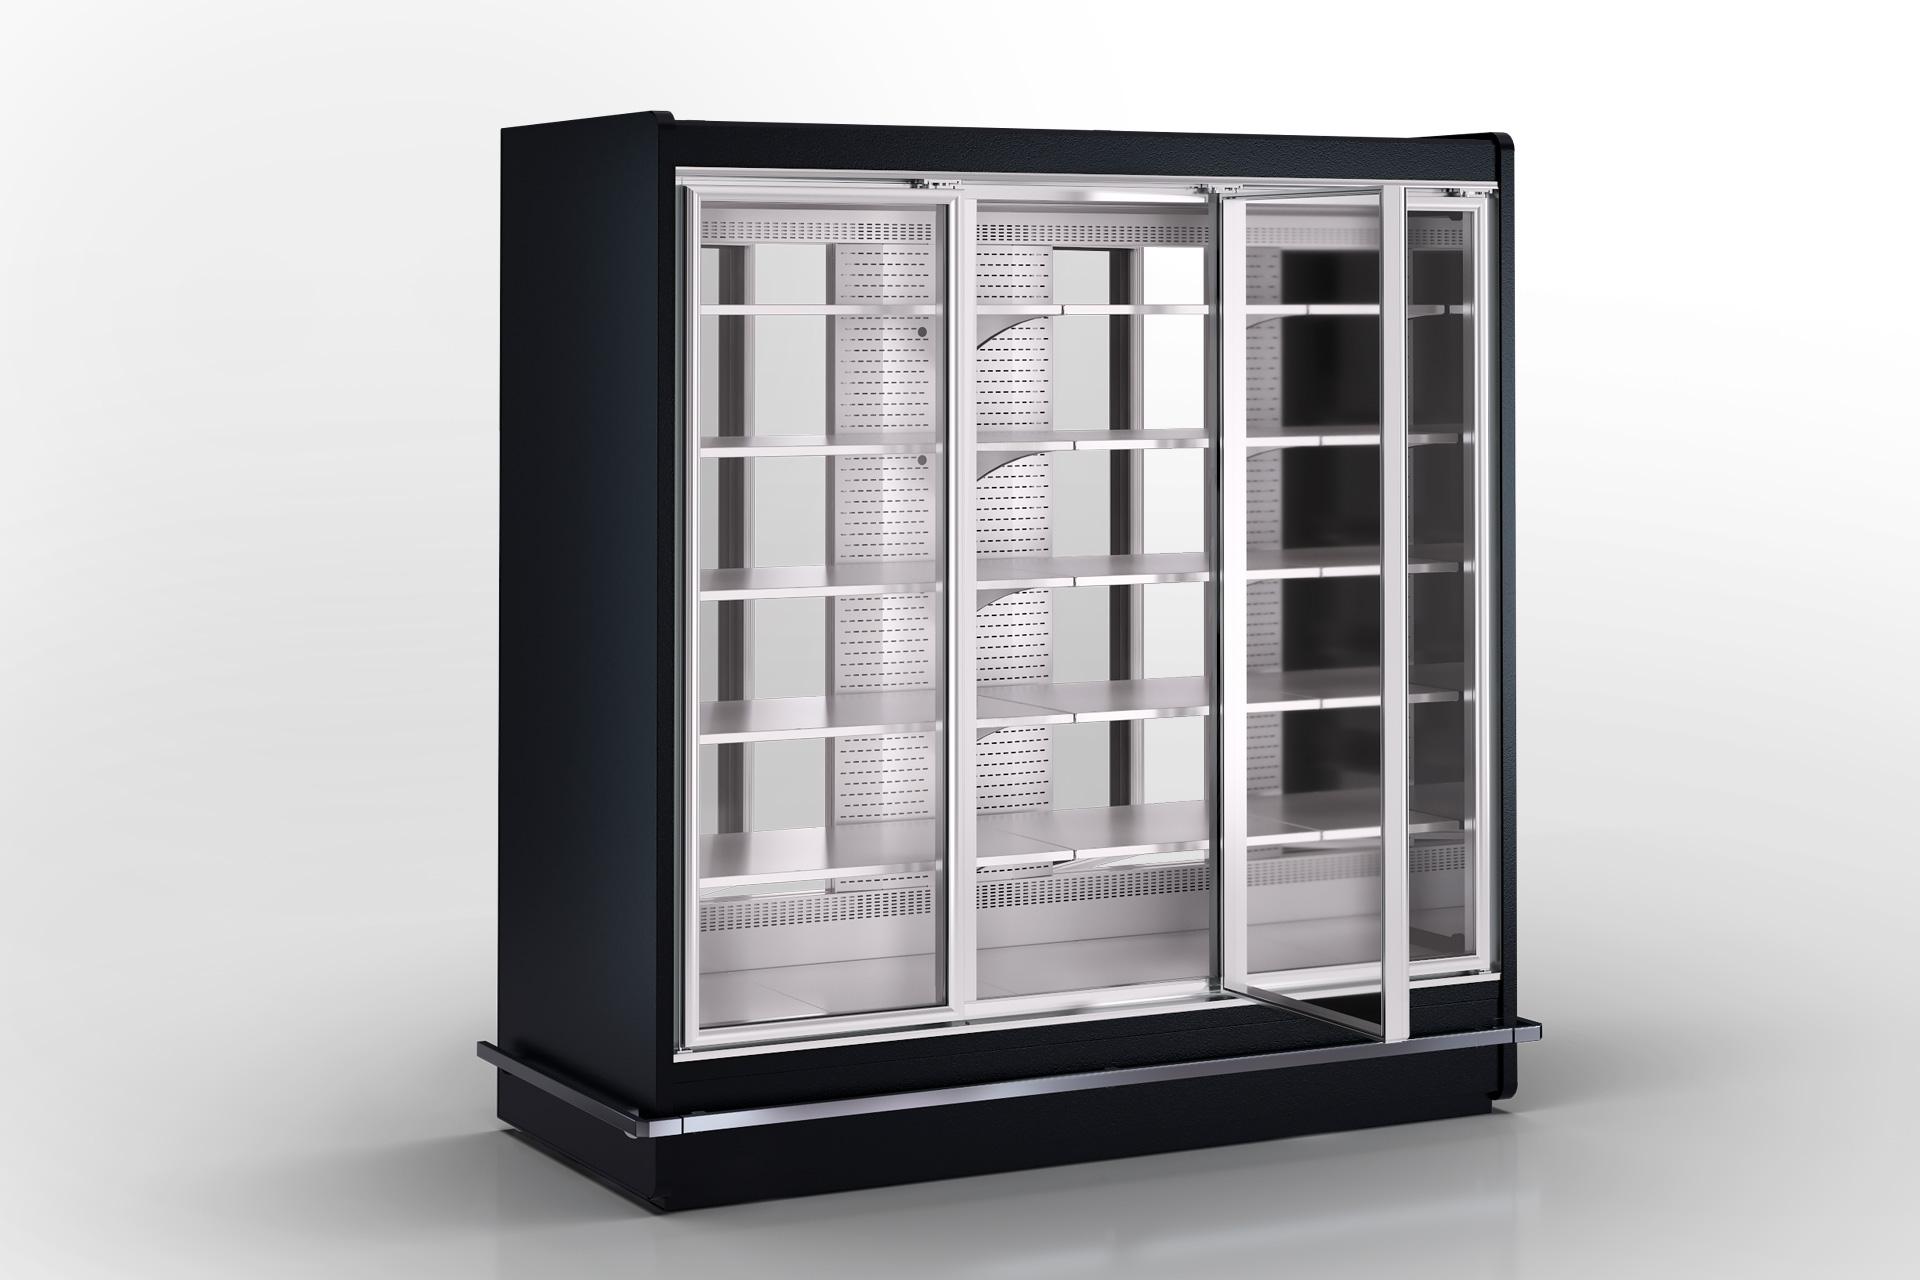 Multideck cabinets Indiana BD MV 080 MT D 205-DLM